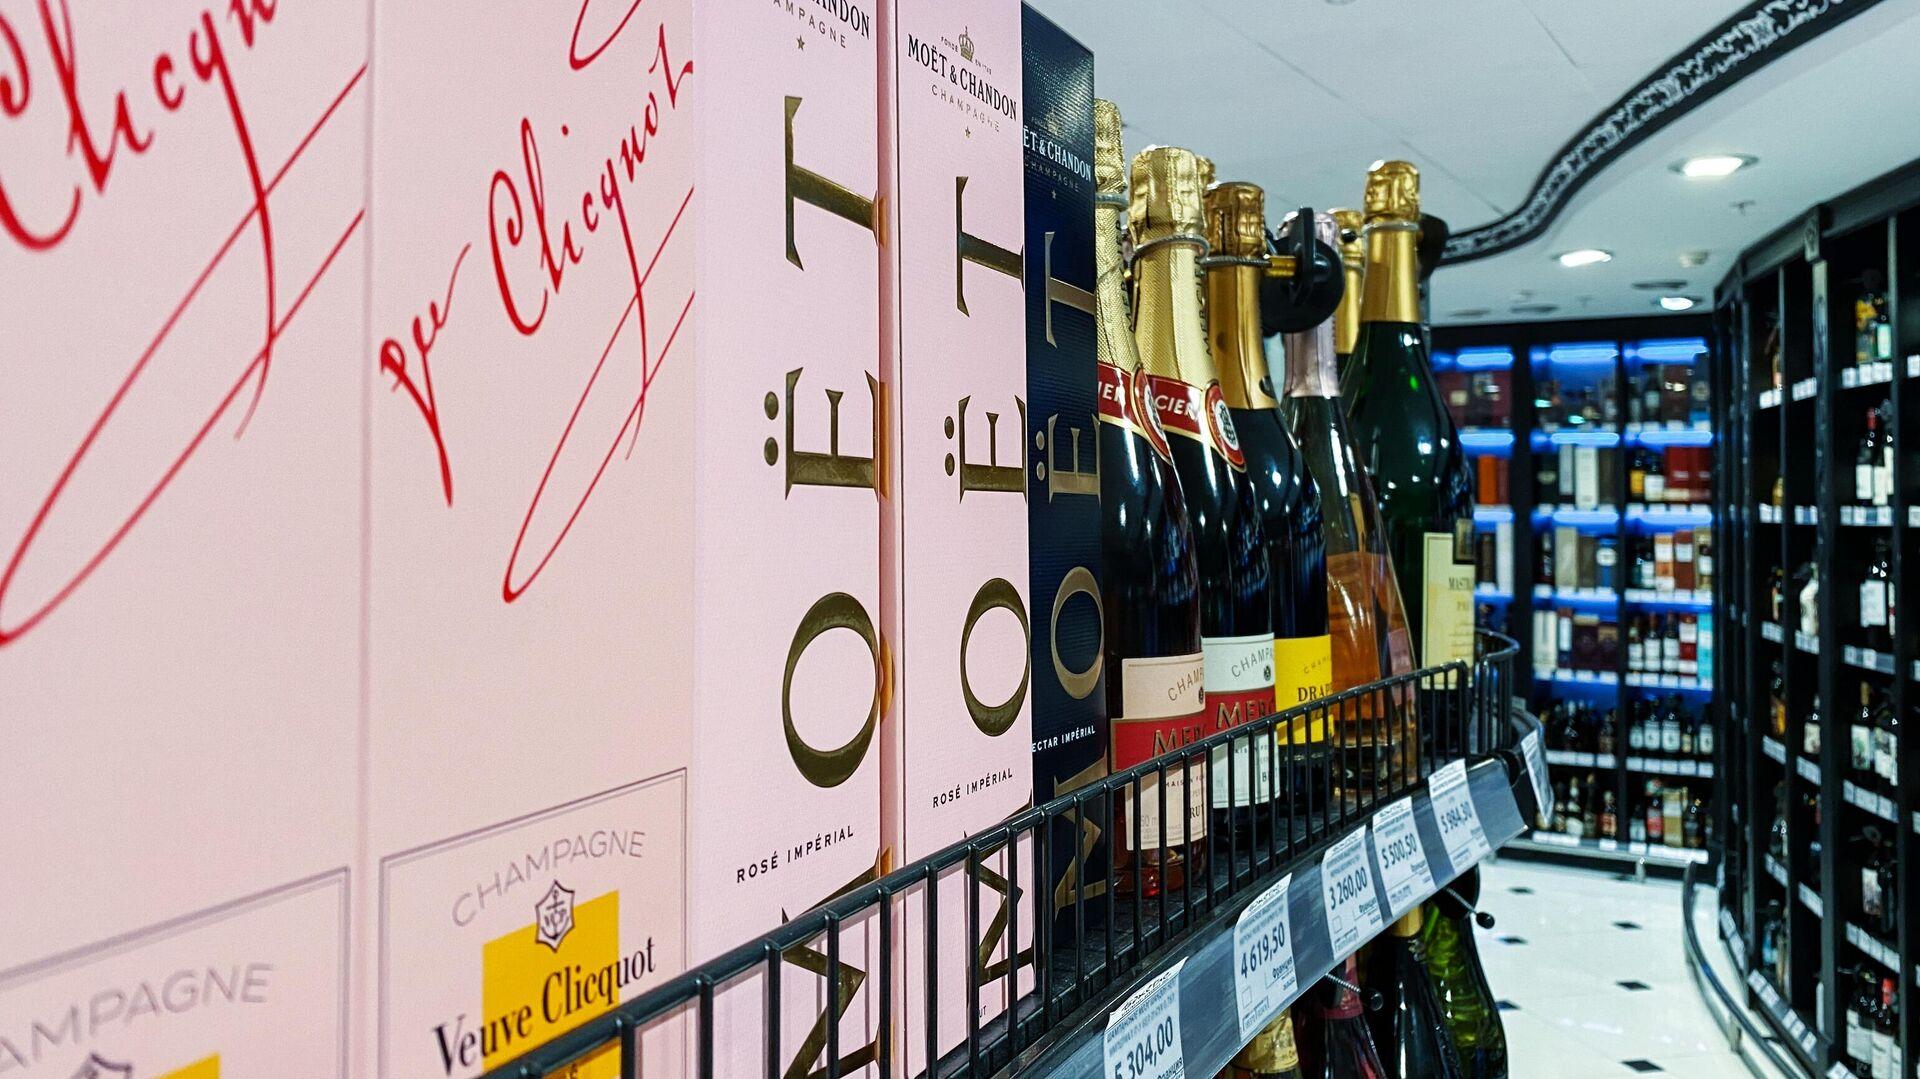 Продукция французской компании-производителя премиальных алкогольных напитков Moet Hennessy на полке в одном из магазинов в Москве - РИА Новости, 1920, 08.07.2021